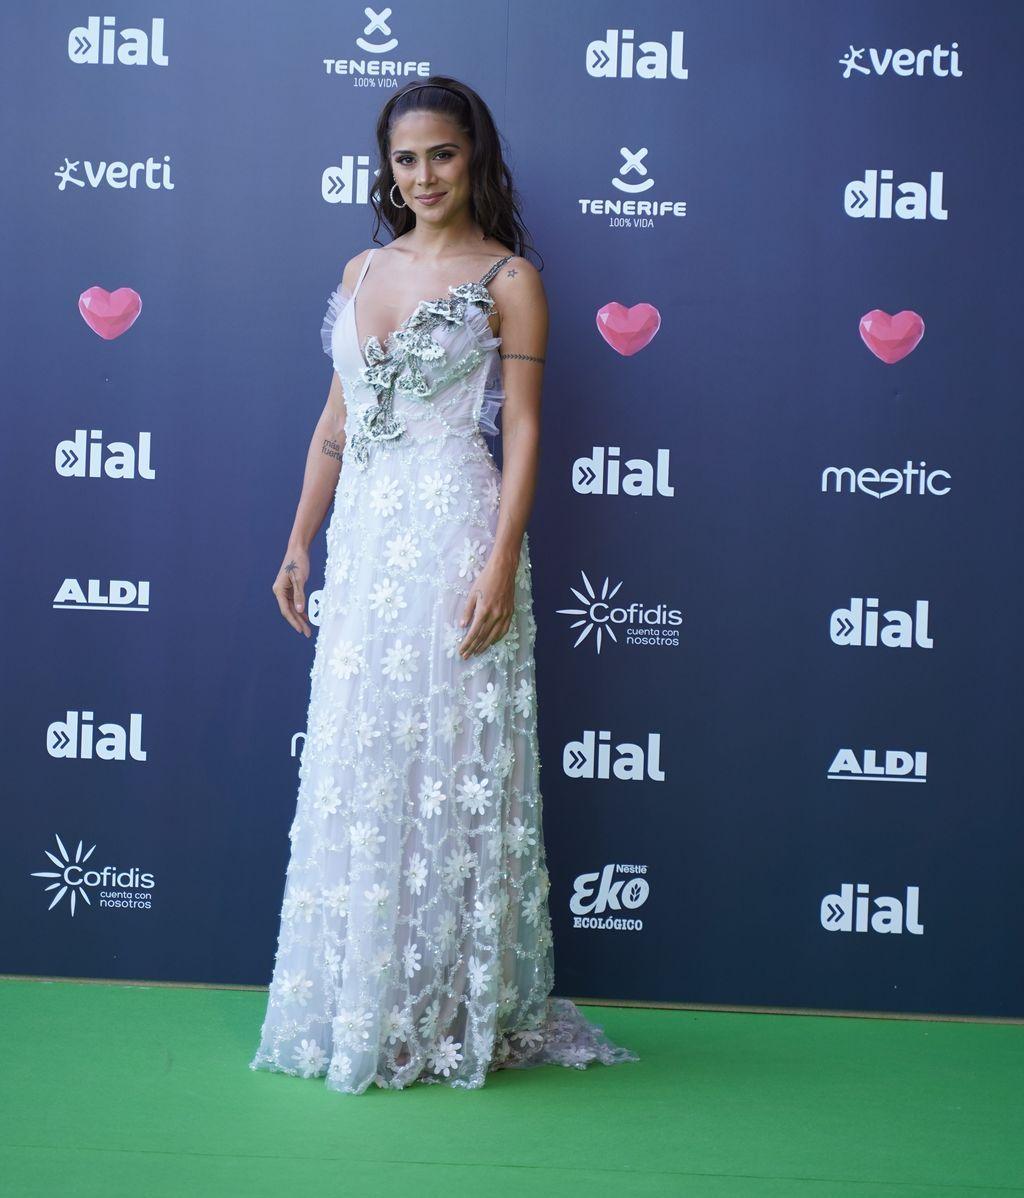 La actriz Greeicy Rendon con un vestido blanco lleno de margaritas